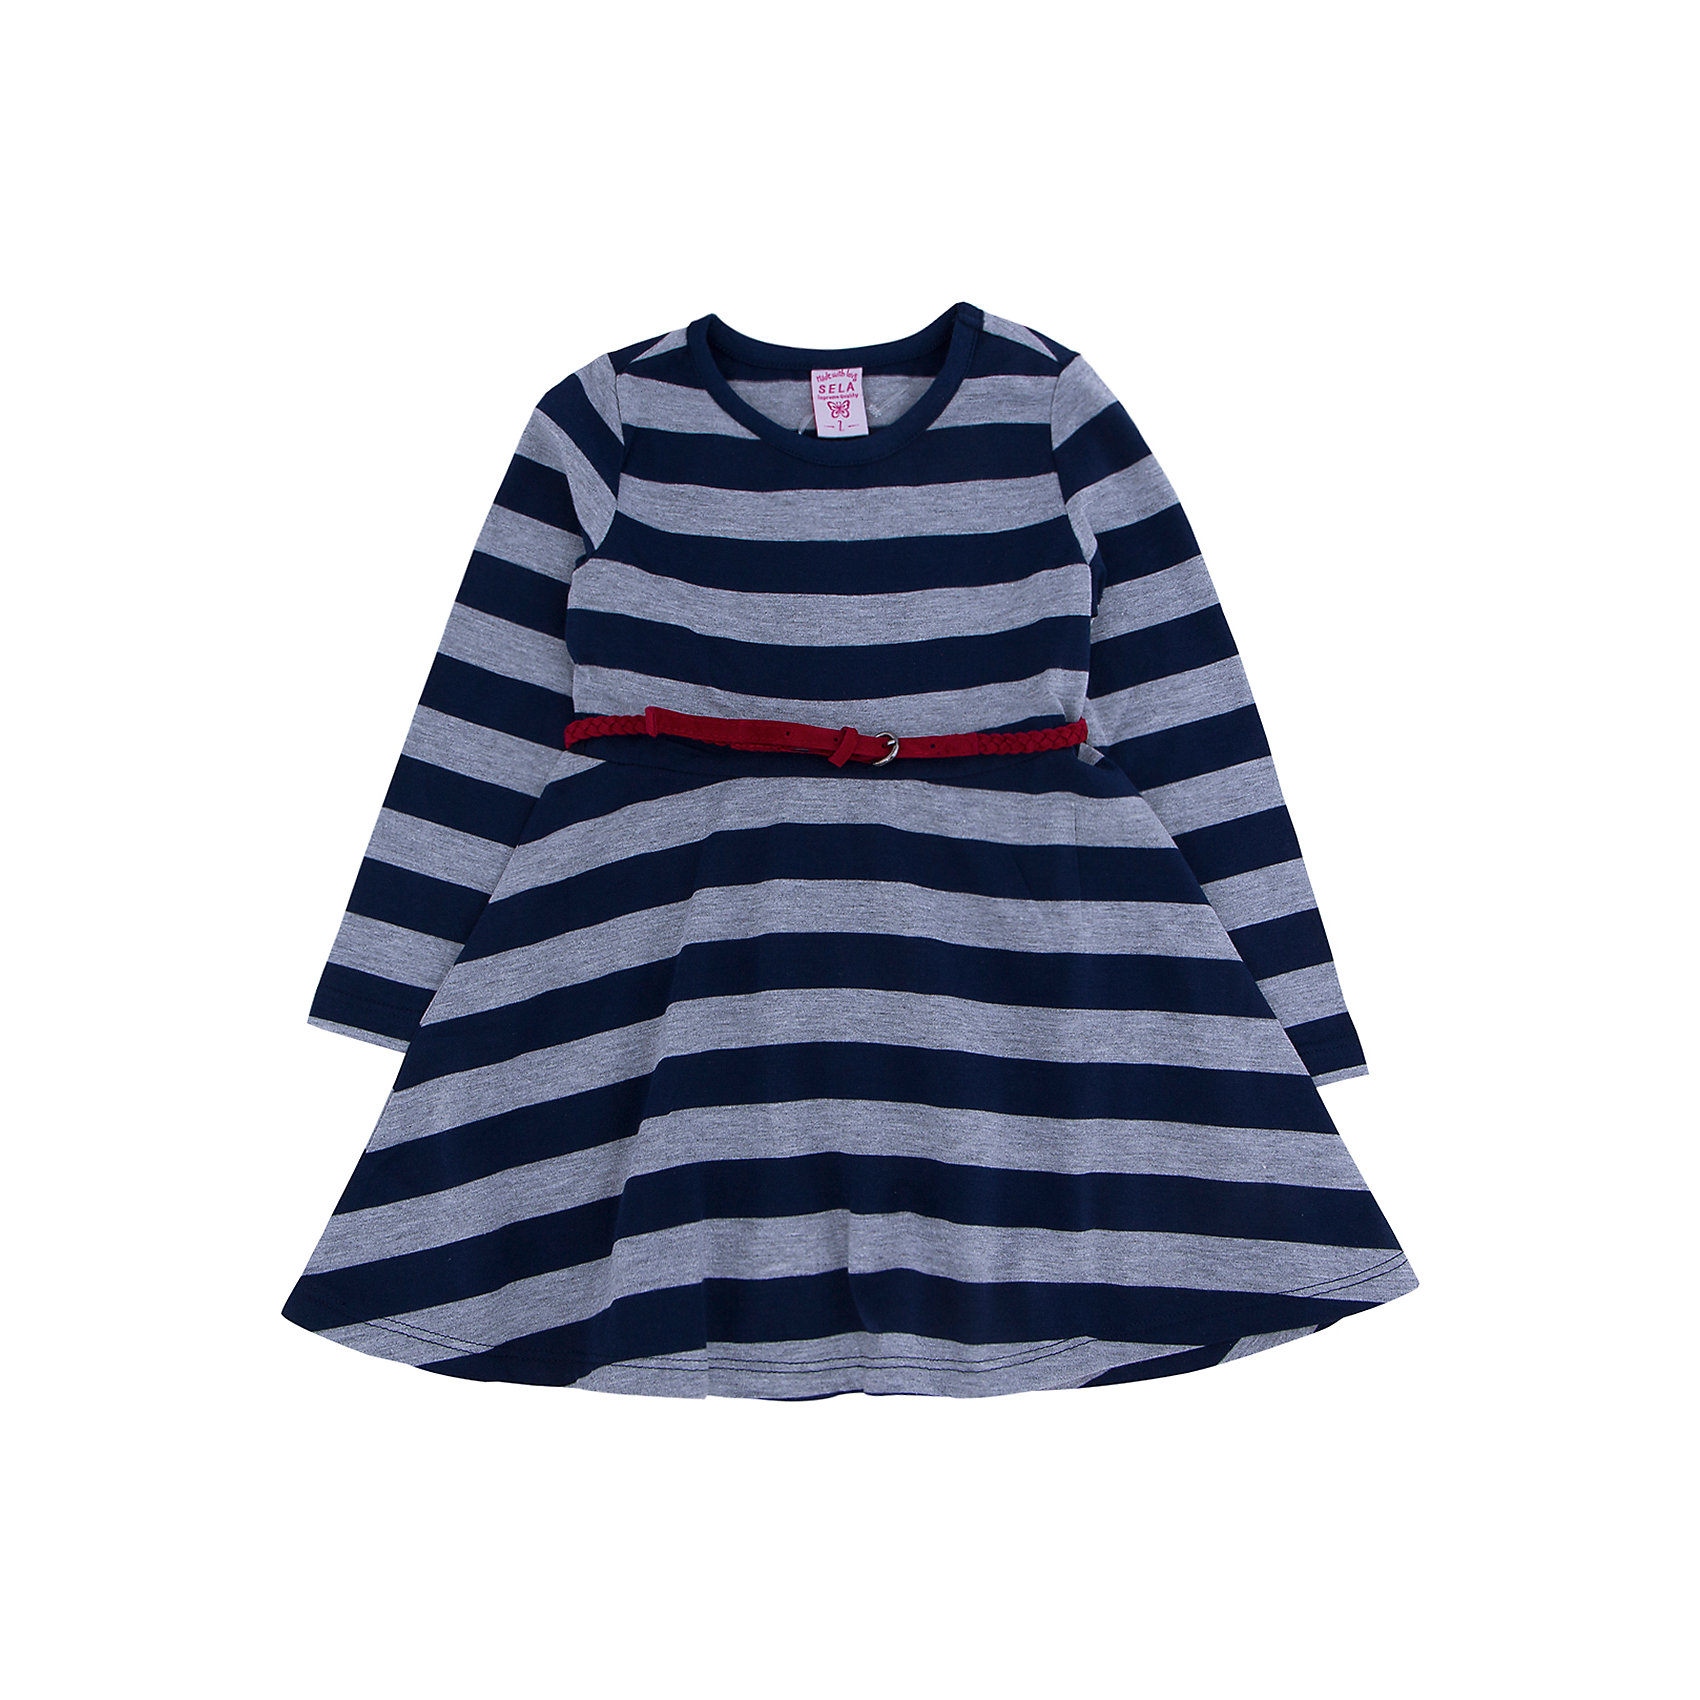 Платье для девочки SELAСтильное платье в крупную полоску с элегантным красным ремешком, то что необходимо иметь в гардеробе юной леди.<br><br>Платье очень удобно и его можно носить на праздник, либо в школу или просто на прогулку.<br><br>Дополнительная информация:<br><br>- Свободный крой.<br>- Длинный рукав, длина до колен, силуэт расклешенный. <br>- Цвет: темно-синий.<br>- Состав: 65% хлопок, 35% ПЭ.<br>- Бренд: SELA<br>- Коллекция: осень-зима 2016-2017<br><br>Купить платье для девочки от SELA можно в нашем магазине.<br><br>Ширина мм: 236<br>Глубина мм: 16<br>Высота мм: 184<br>Вес г: 177<br>Цвет: синий<br>Возраст от месяцев: 18<br>Возраст до месяцев: 24<br>Пол: Женский<br>Возраст: Детский<br>Размер: 92,116,110,104,98<br>SKU: 4883498